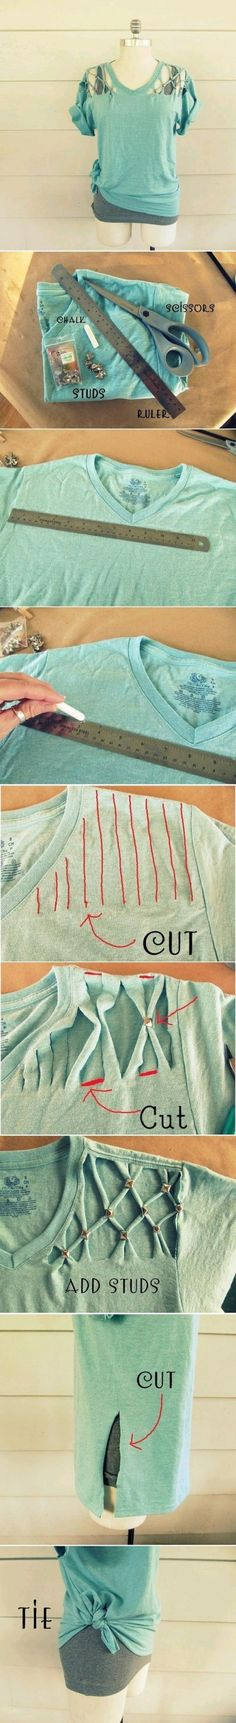 Creatief met een oud shirt! (gekopieerd van pinterest) Door Sien78